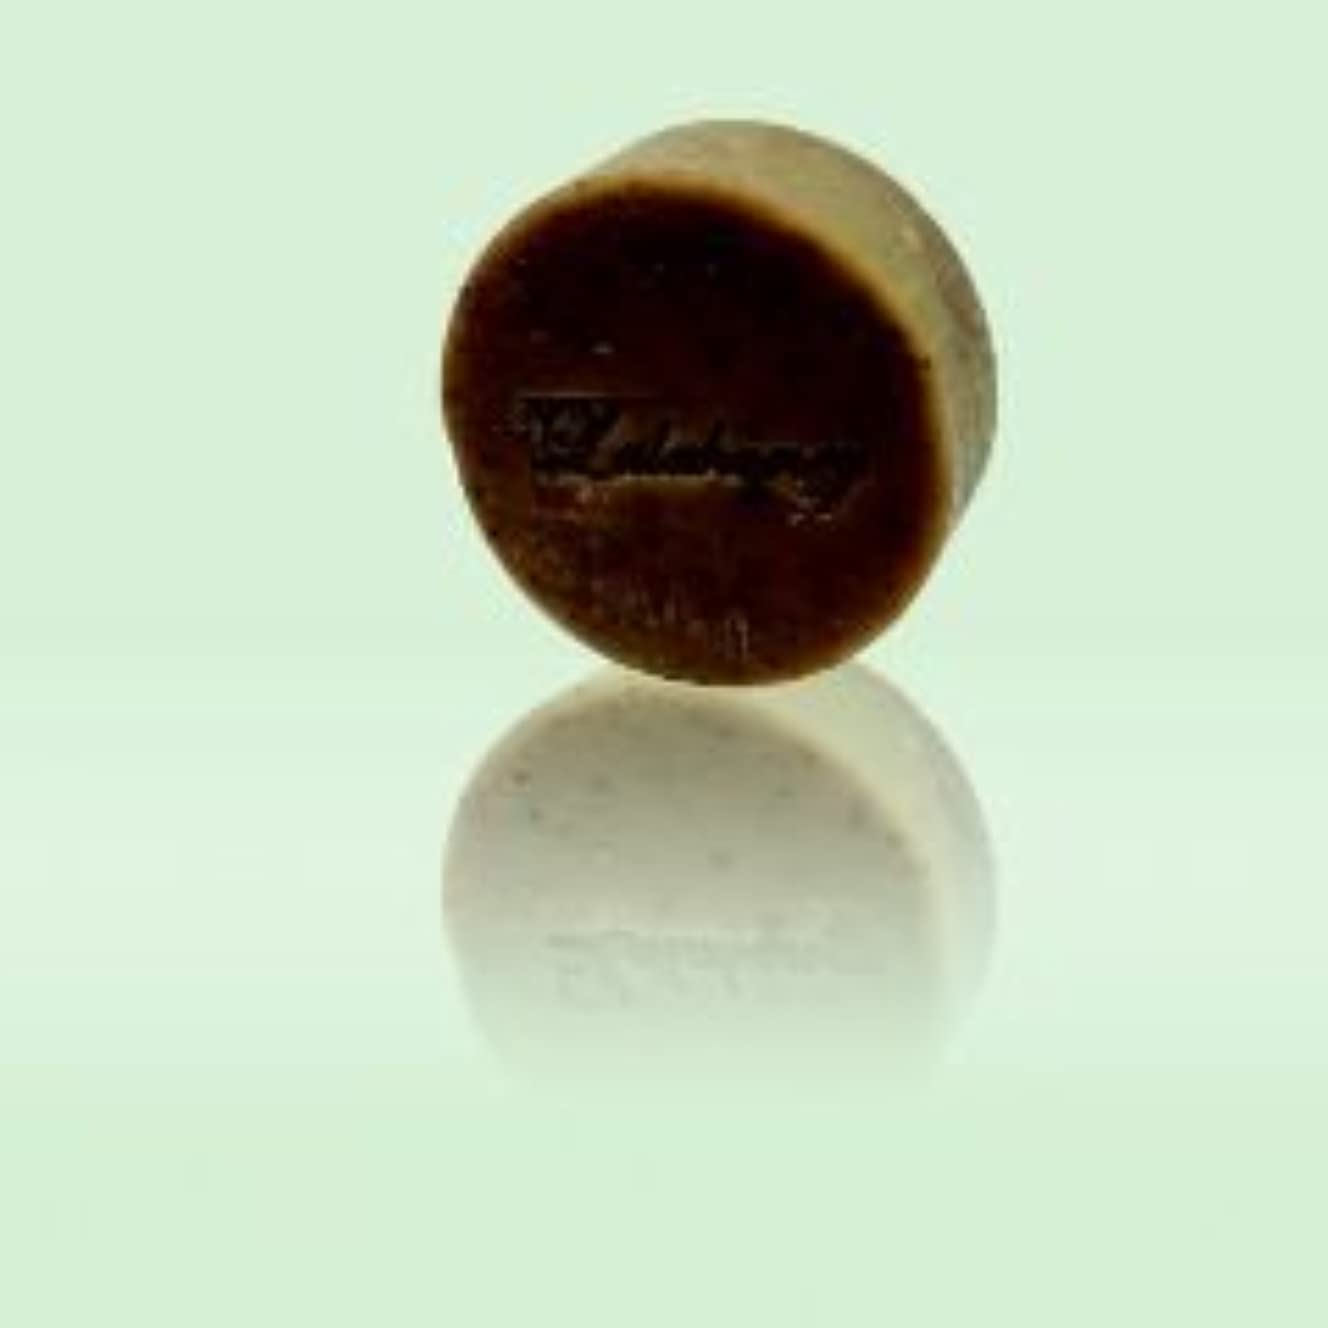 レンダー壁スリチンモイLALAHONEY 石鹸〈チョコレート&オレンジ〉80g【手作りでシンプルなコールドプロセス製法】